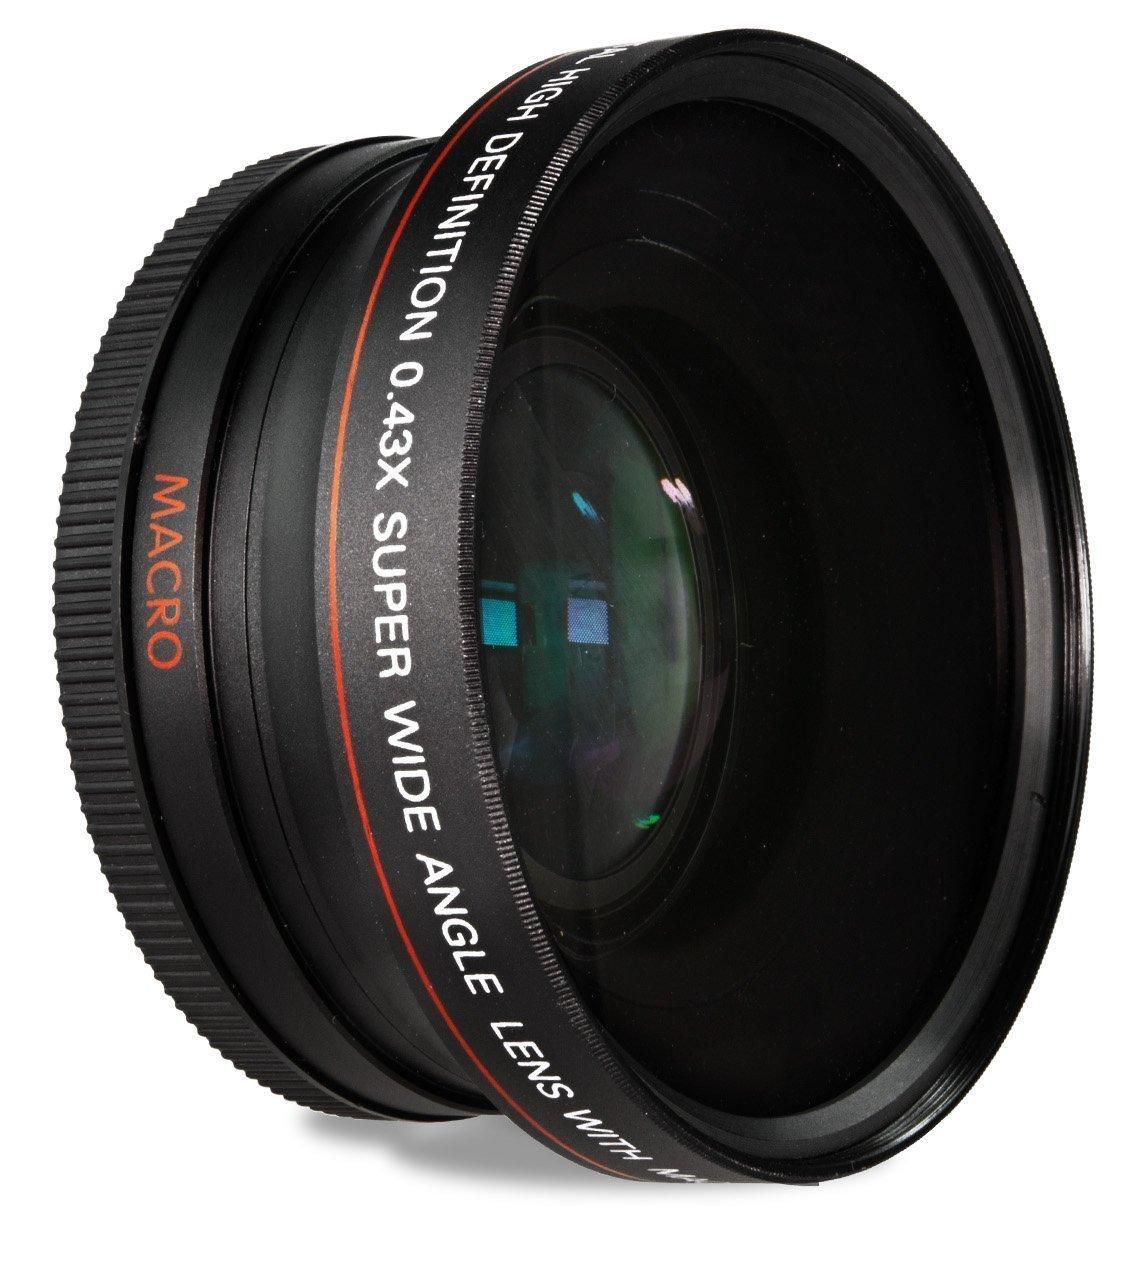 2 DM Optics 72mm 4 10 Close-Up Macro Filter Set with Pouch for Any of These Nikon D5100 D5000 D7000 D700 D3100 D3000 D90 SLR Cameras 1